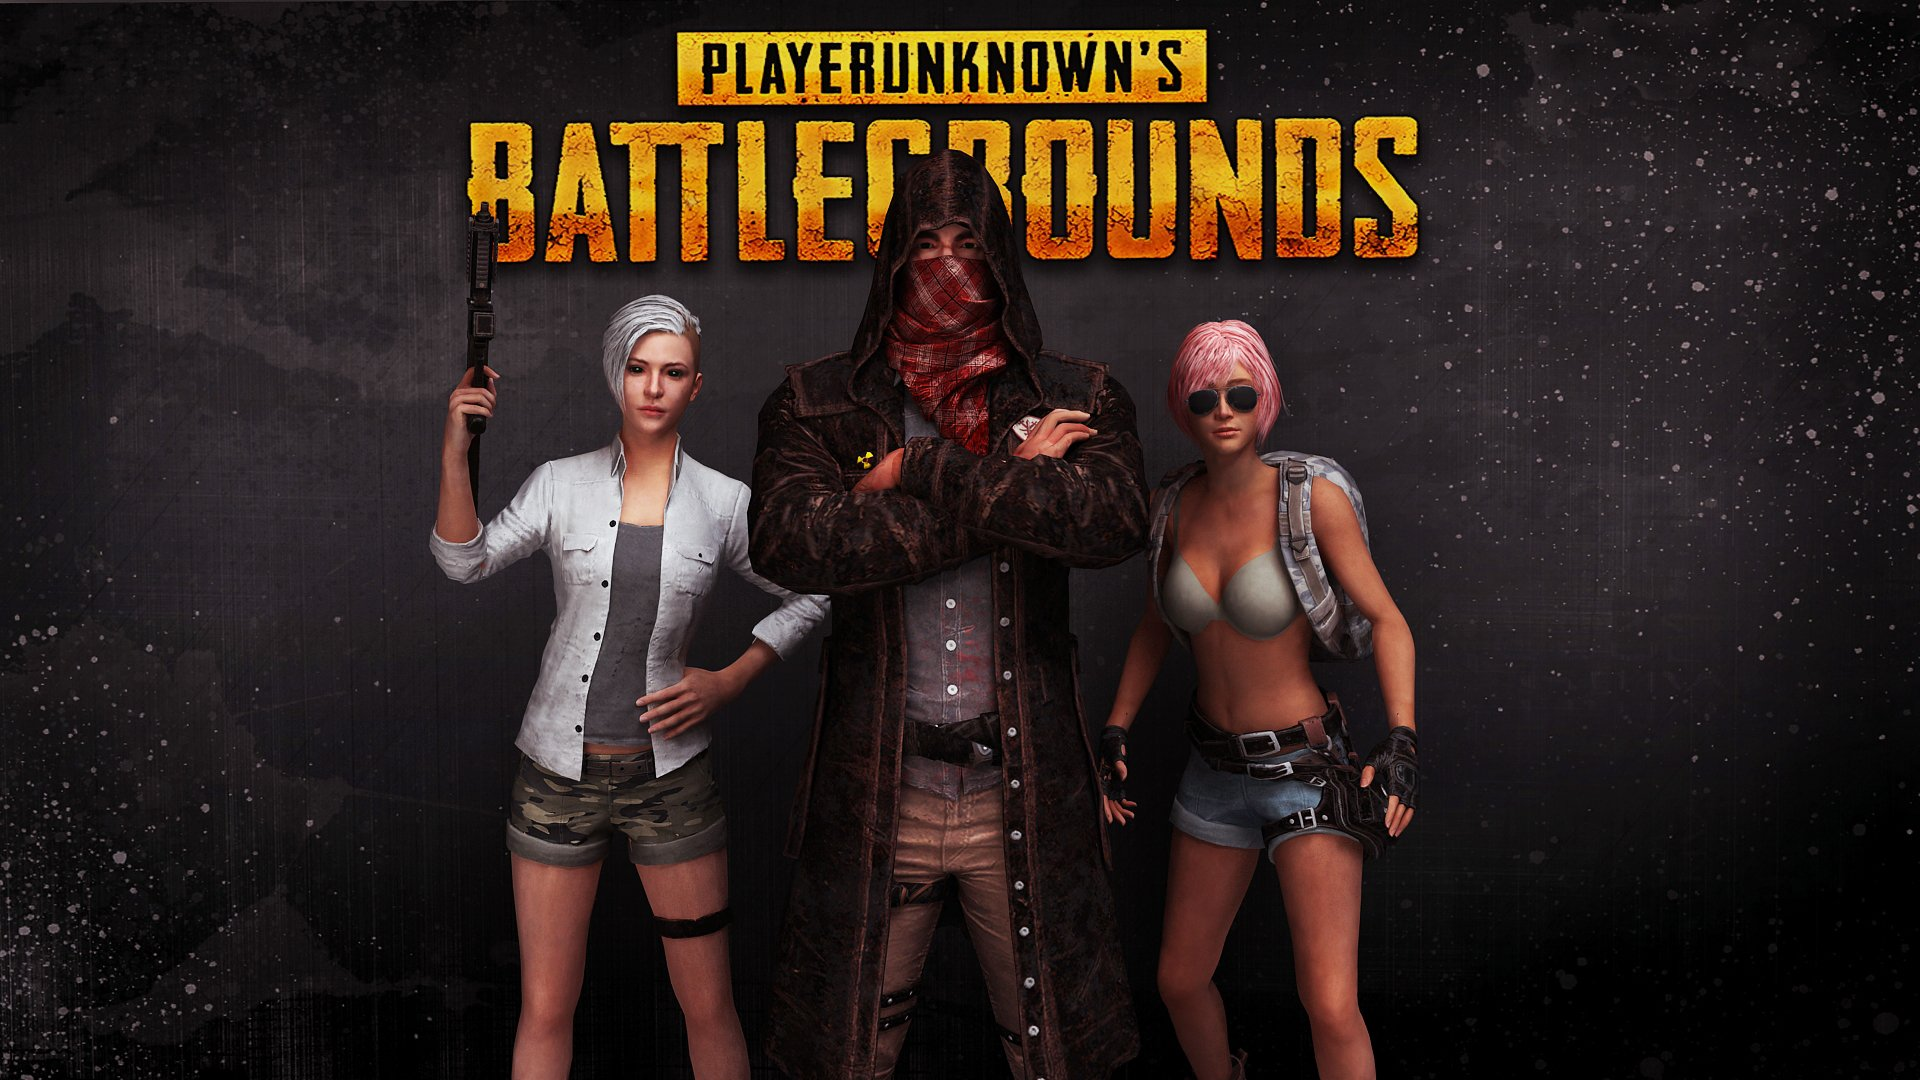 Pubg 3840x1080 Wallpaper Playerunknown S Battlegrounds Hd Wallpaper Background